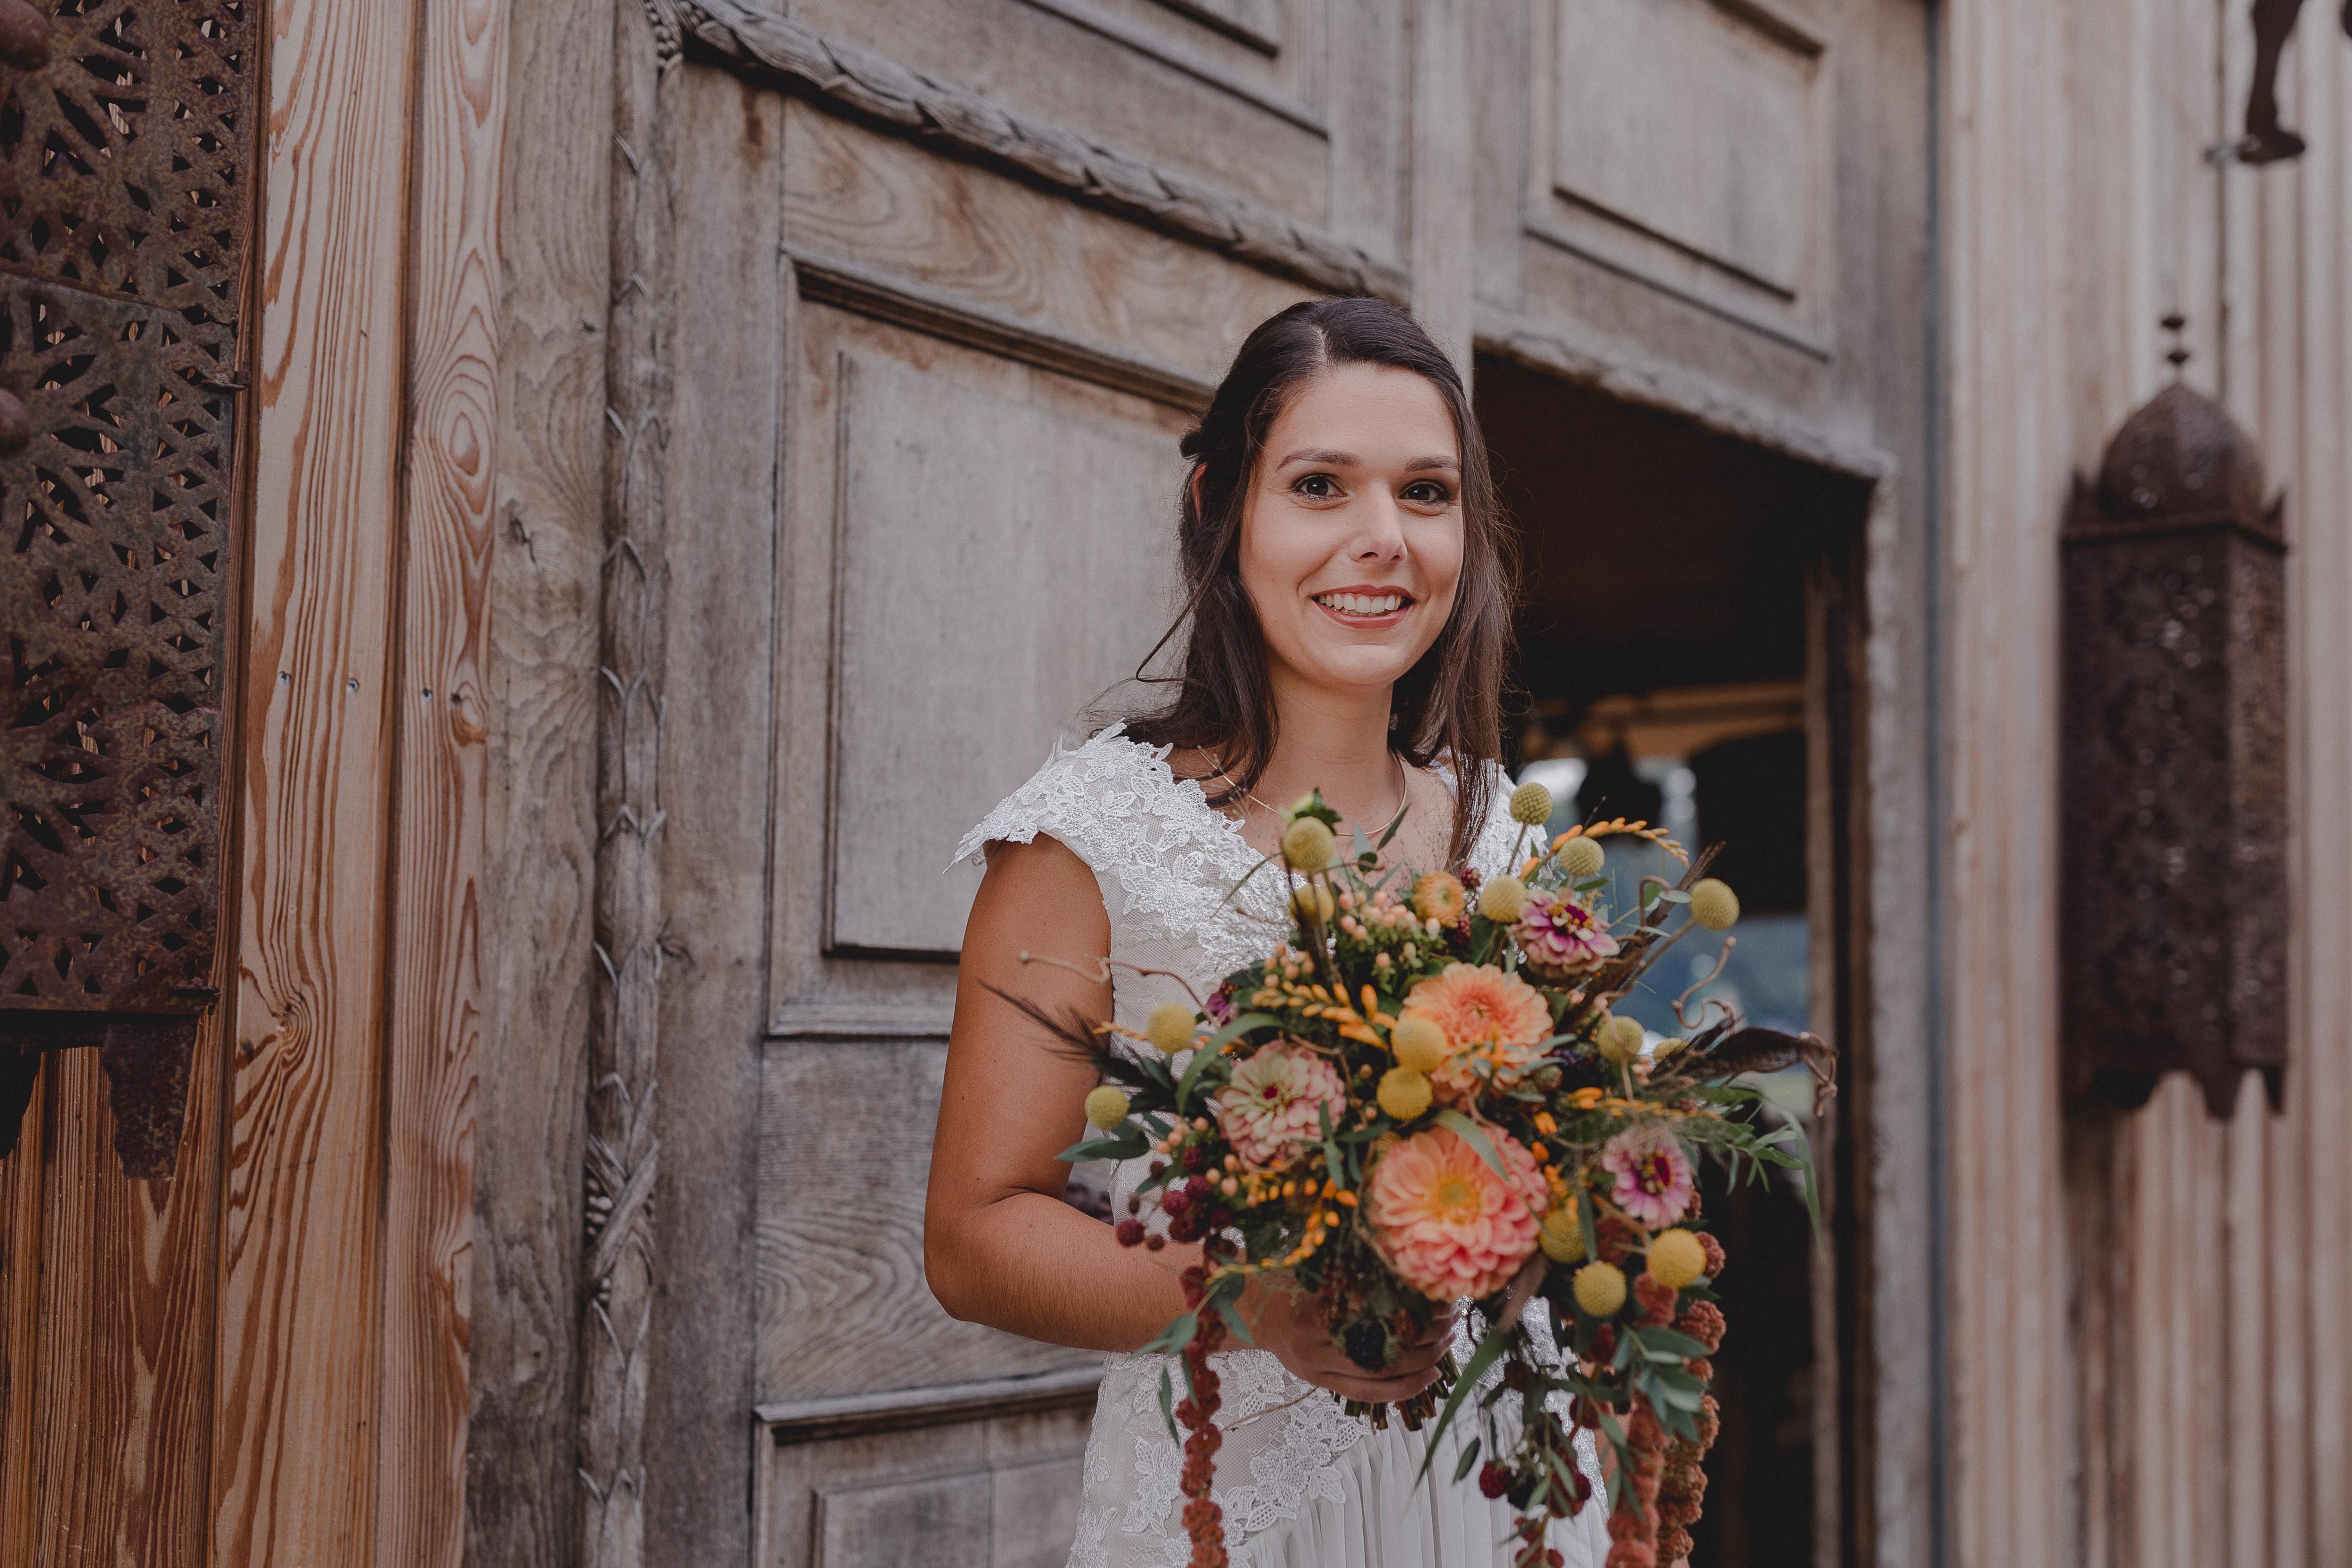 URBANERIE_Daniela_Goth_Vintage_Hochzeitsfotografin_Nuernberg_Fuerth_Erlangen_180721_0094